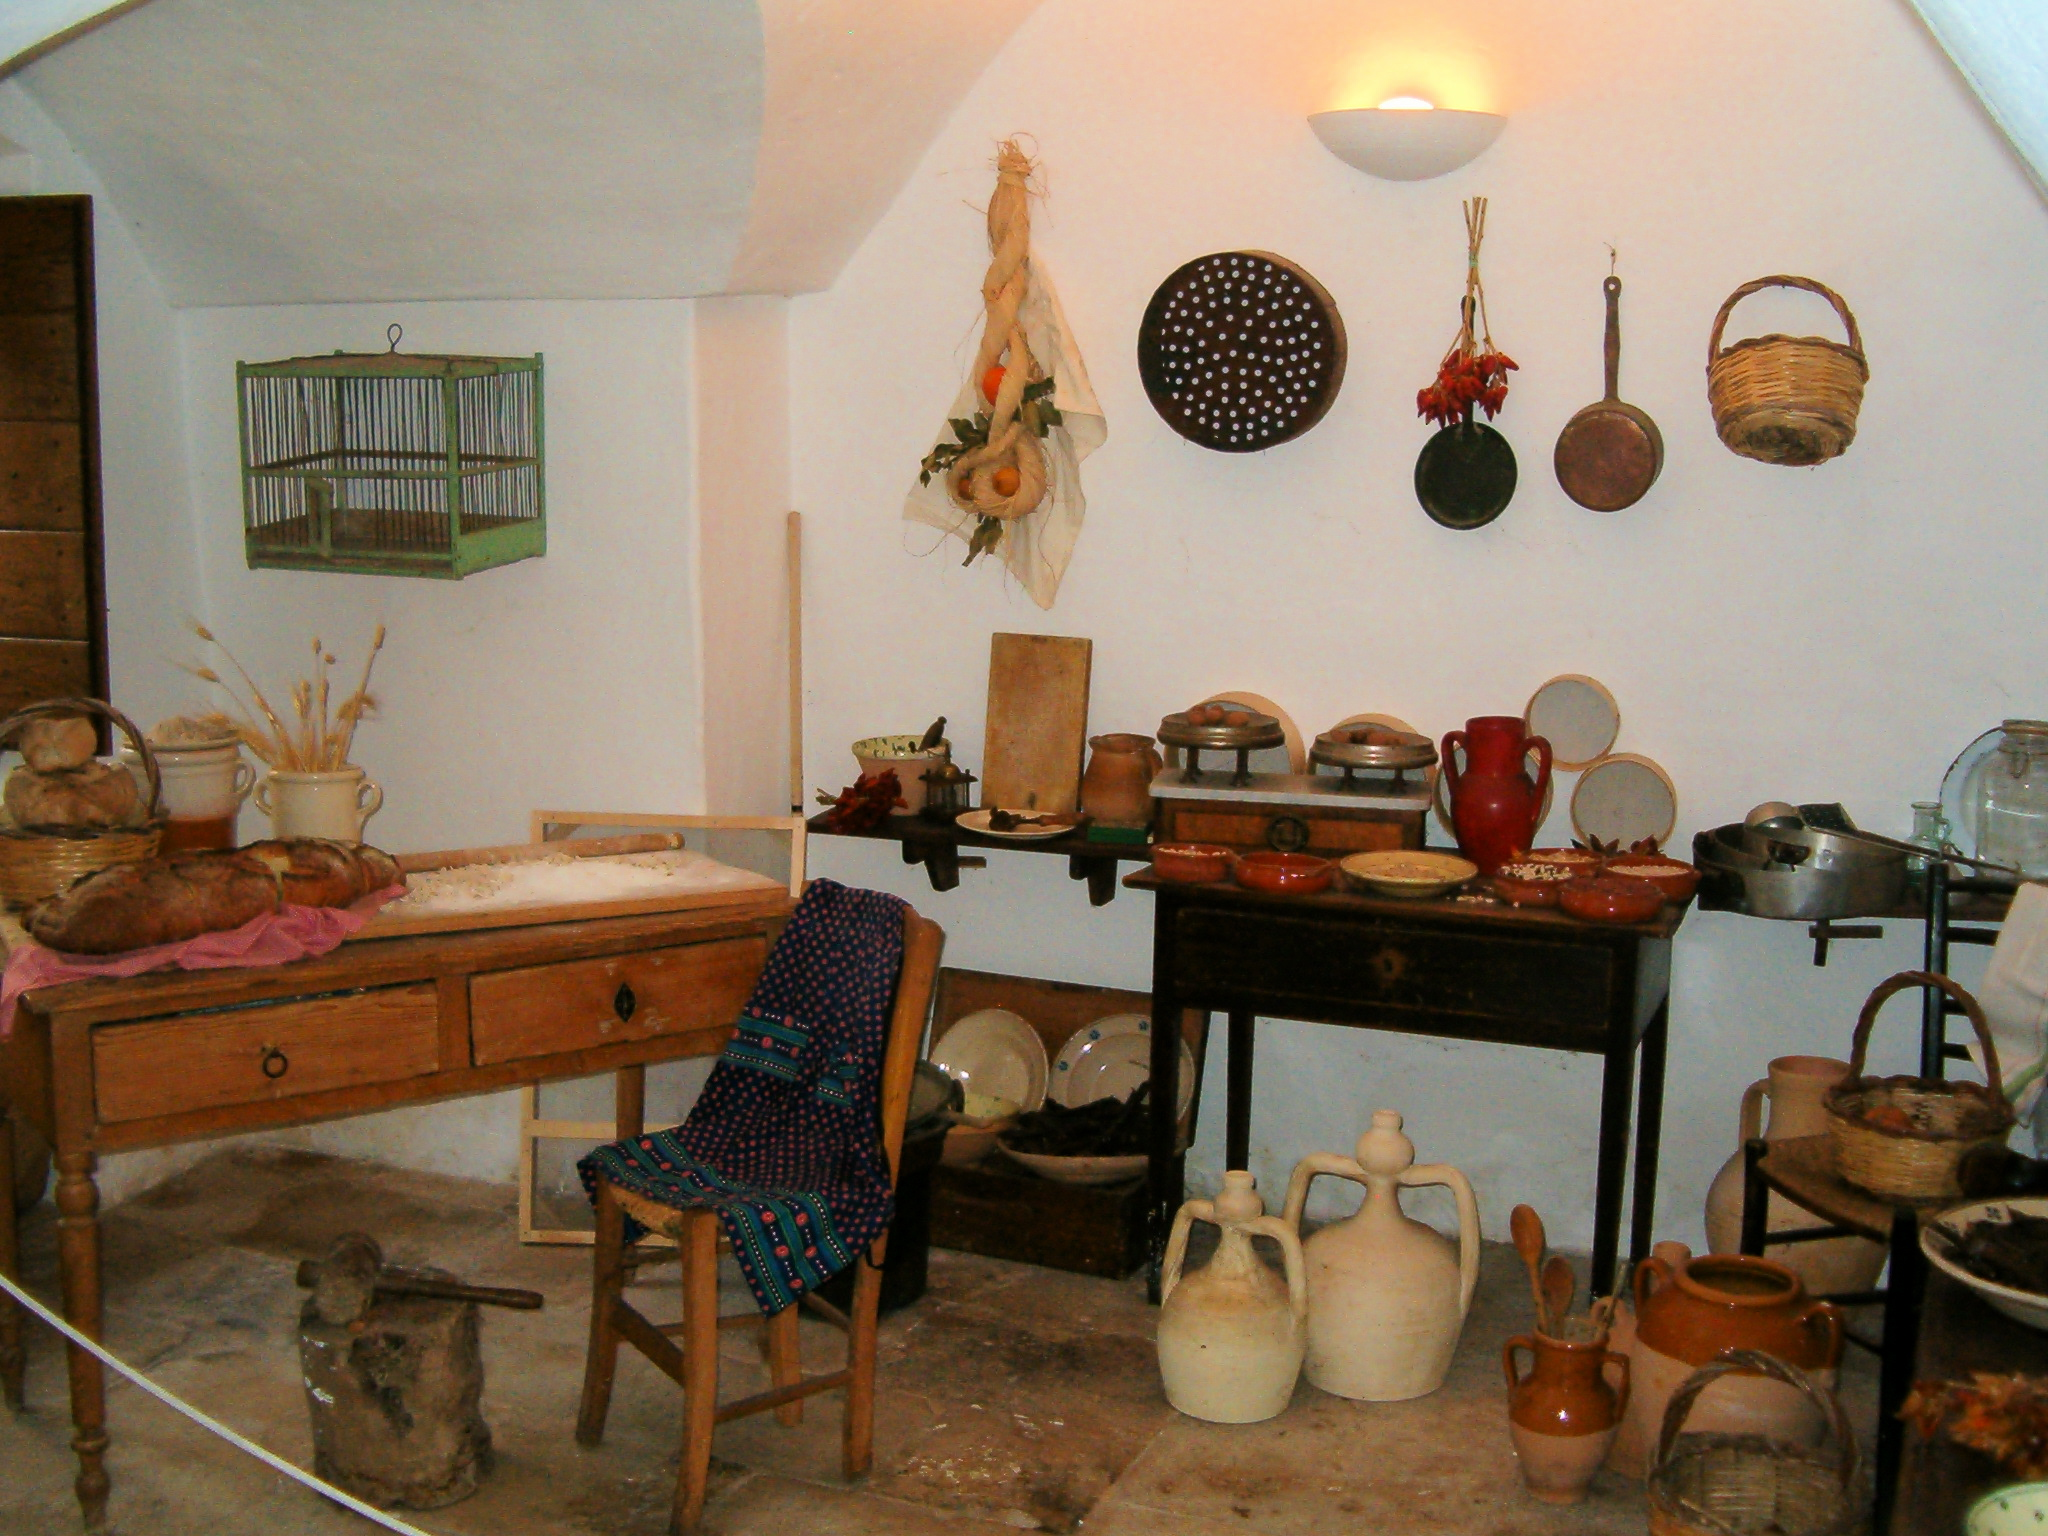 cucina pugliese - wikipedia - La Cucina Pugliese